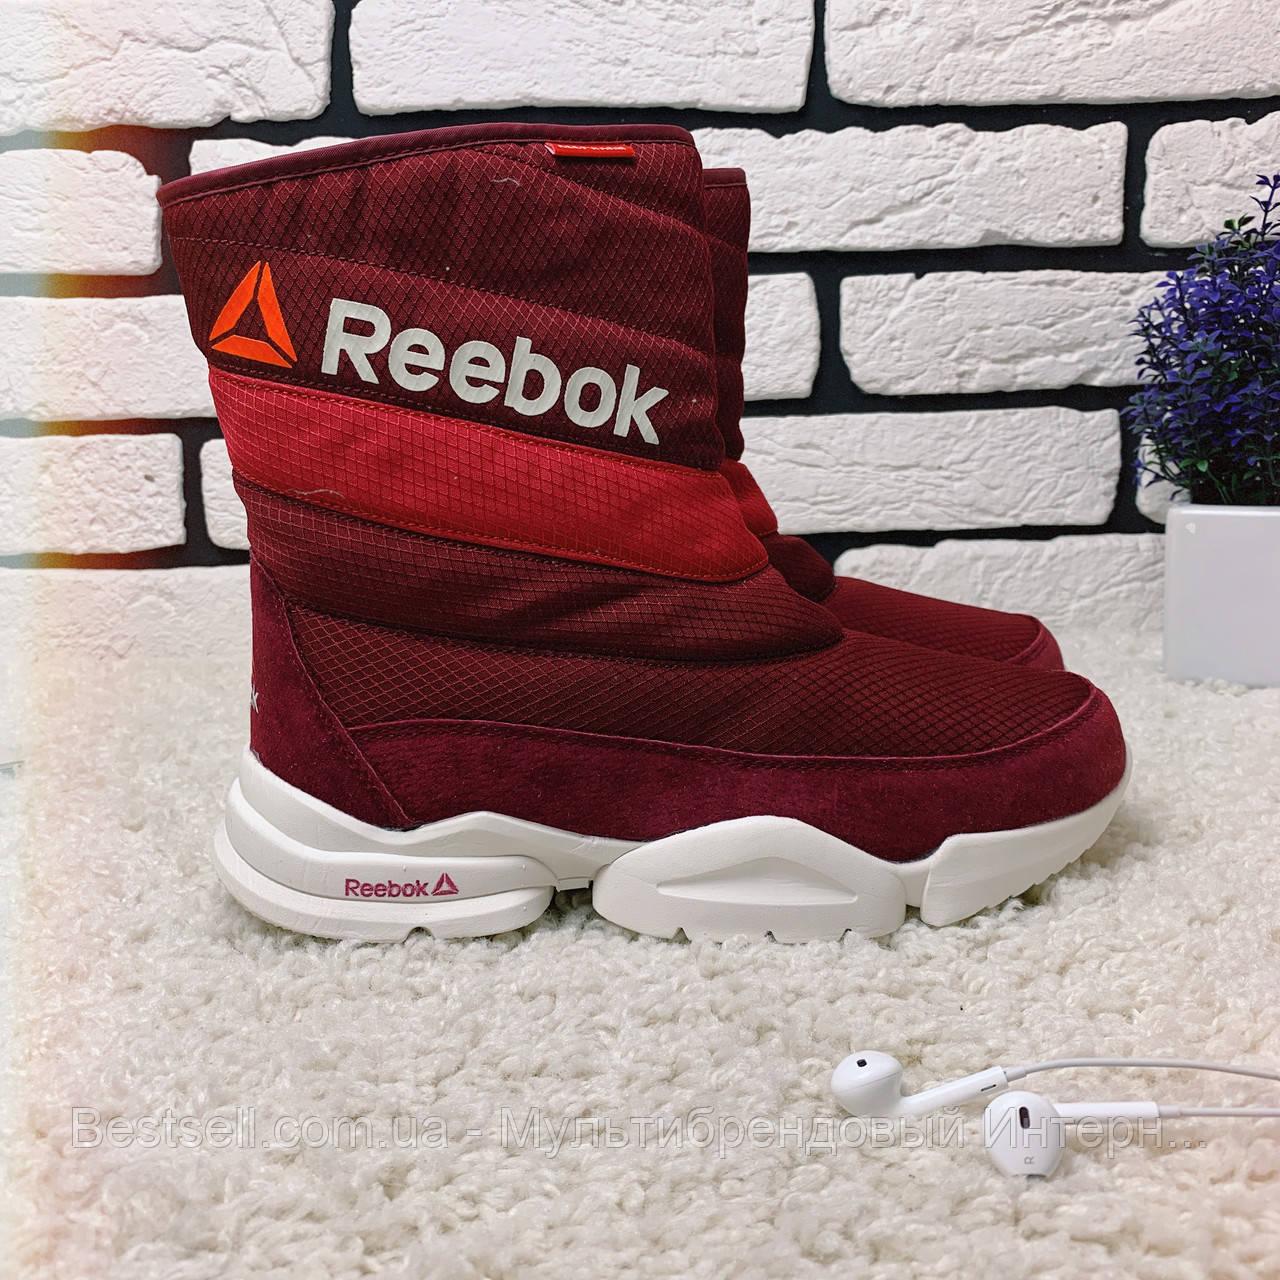 Зимові черевики Reebok Keep warm 2-202 ⏩ [ 39,40 ]